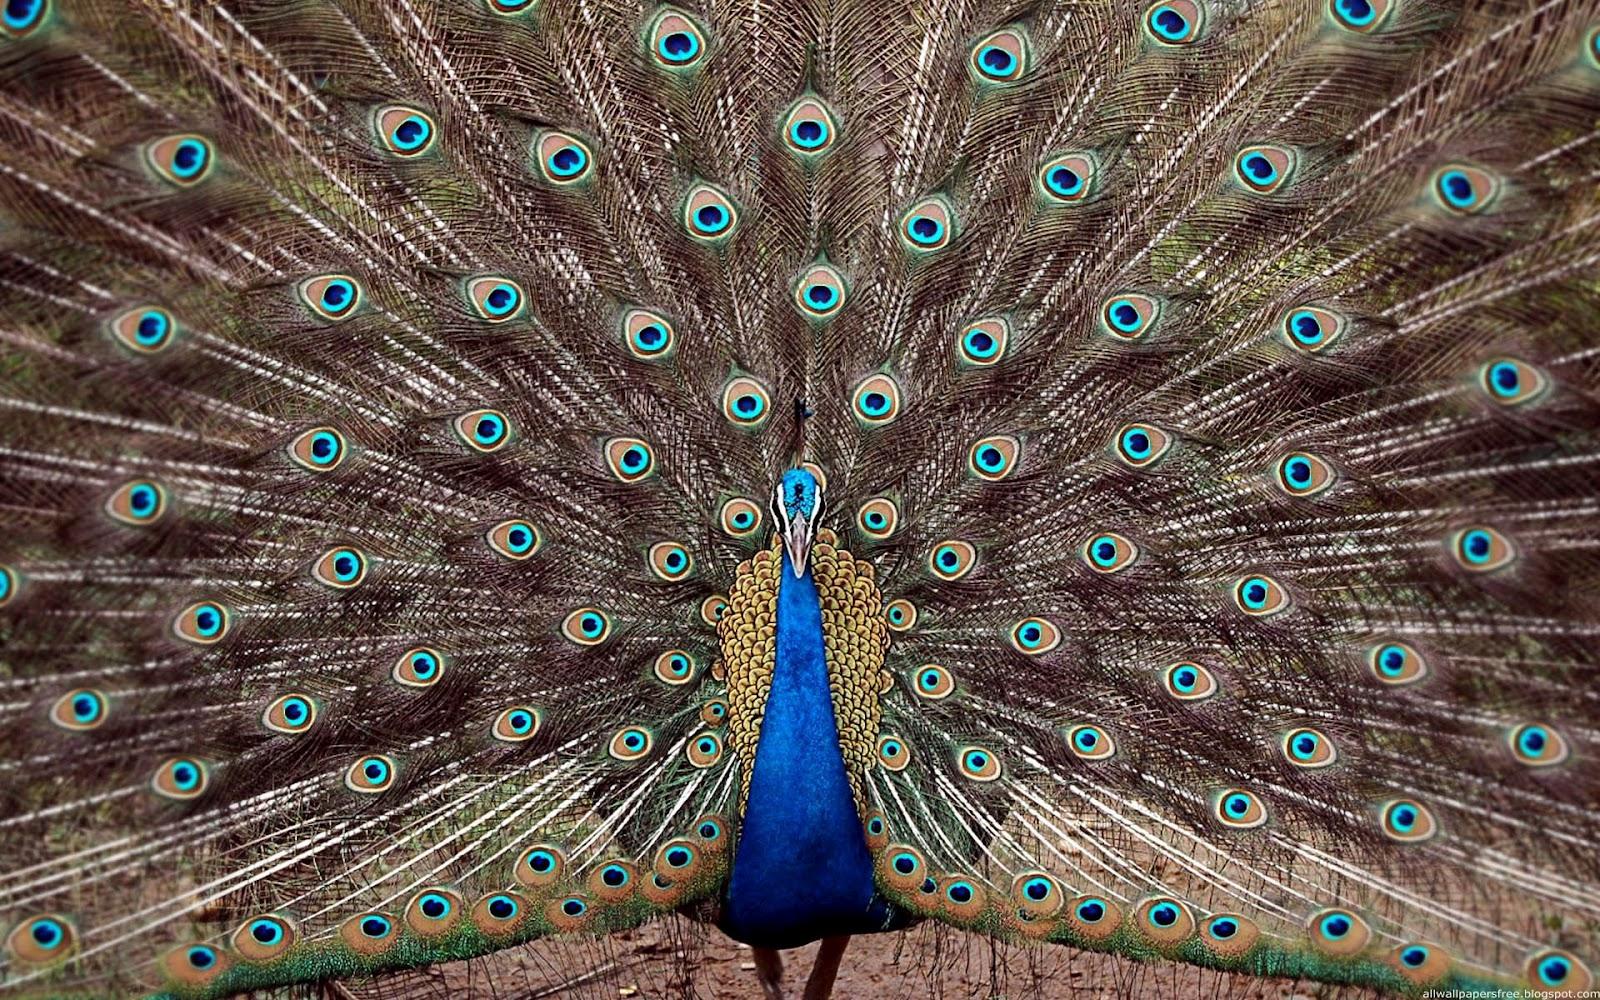 Koleksi Foto Burung  Merak  Tercantik 2013 Gambar  Keren